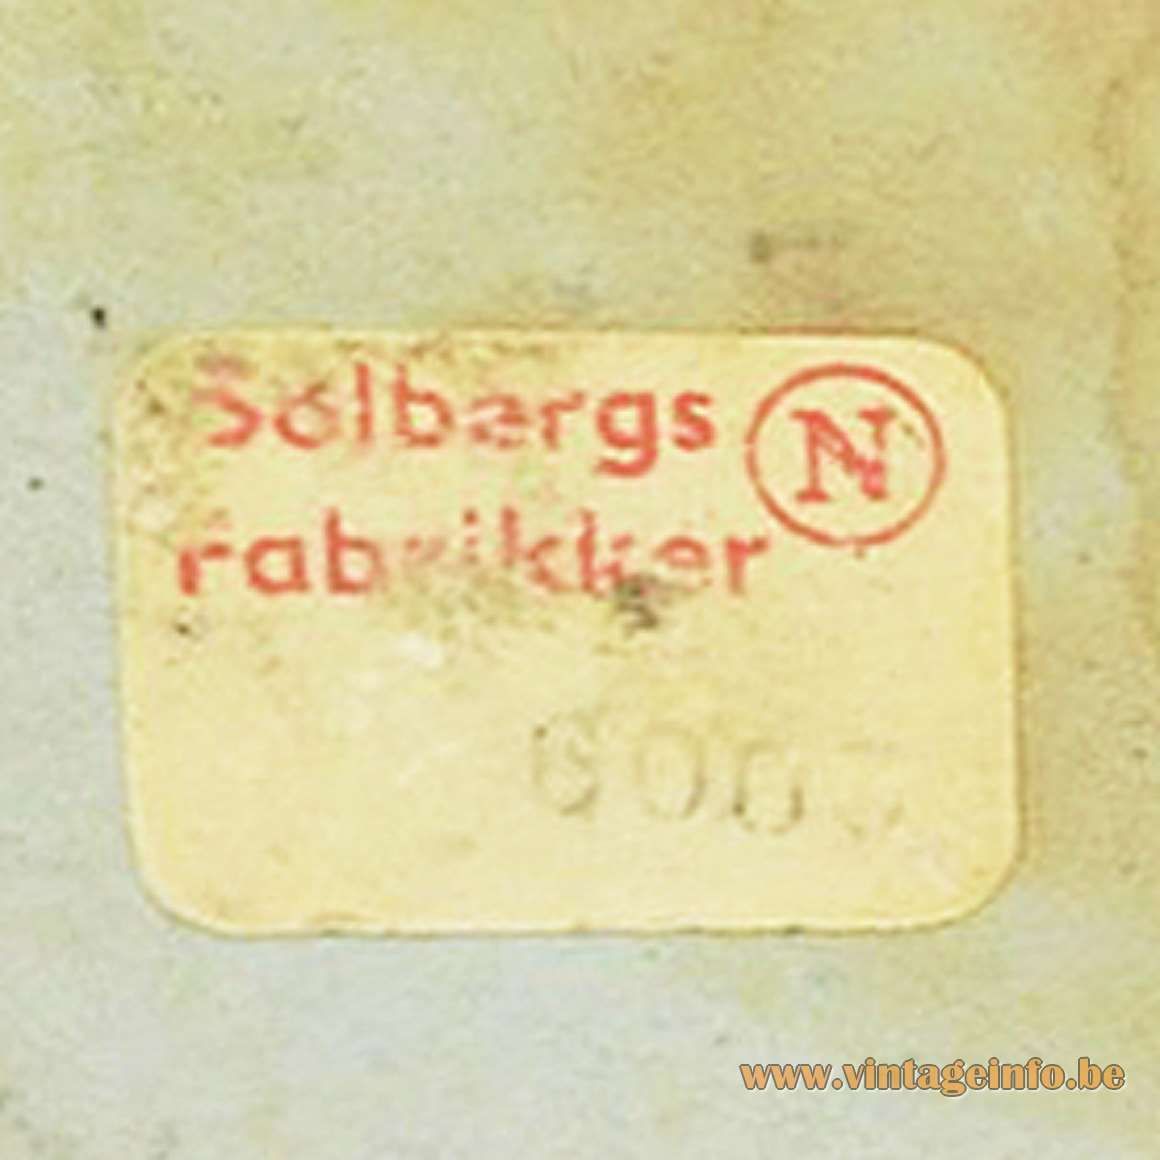 Solbergs Fabrikker 1950s Desk Lamp - label